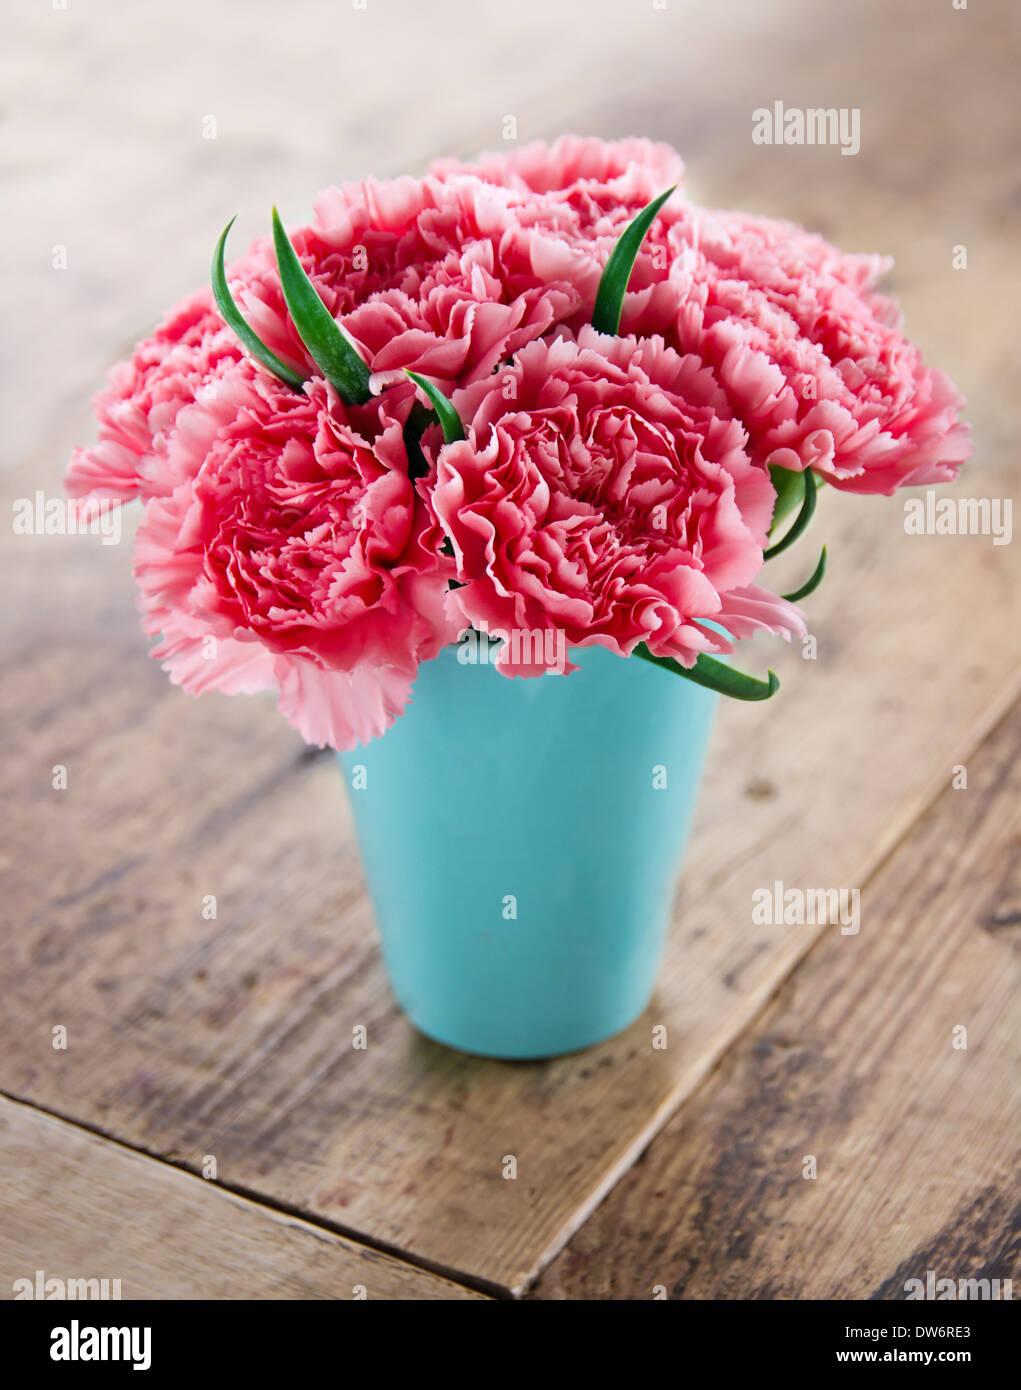 Mazzo Di Fiori The West.Garofani Rosa Bouquet Di Fiori In Un Vaso Blu Su Rustico Sfondo Di